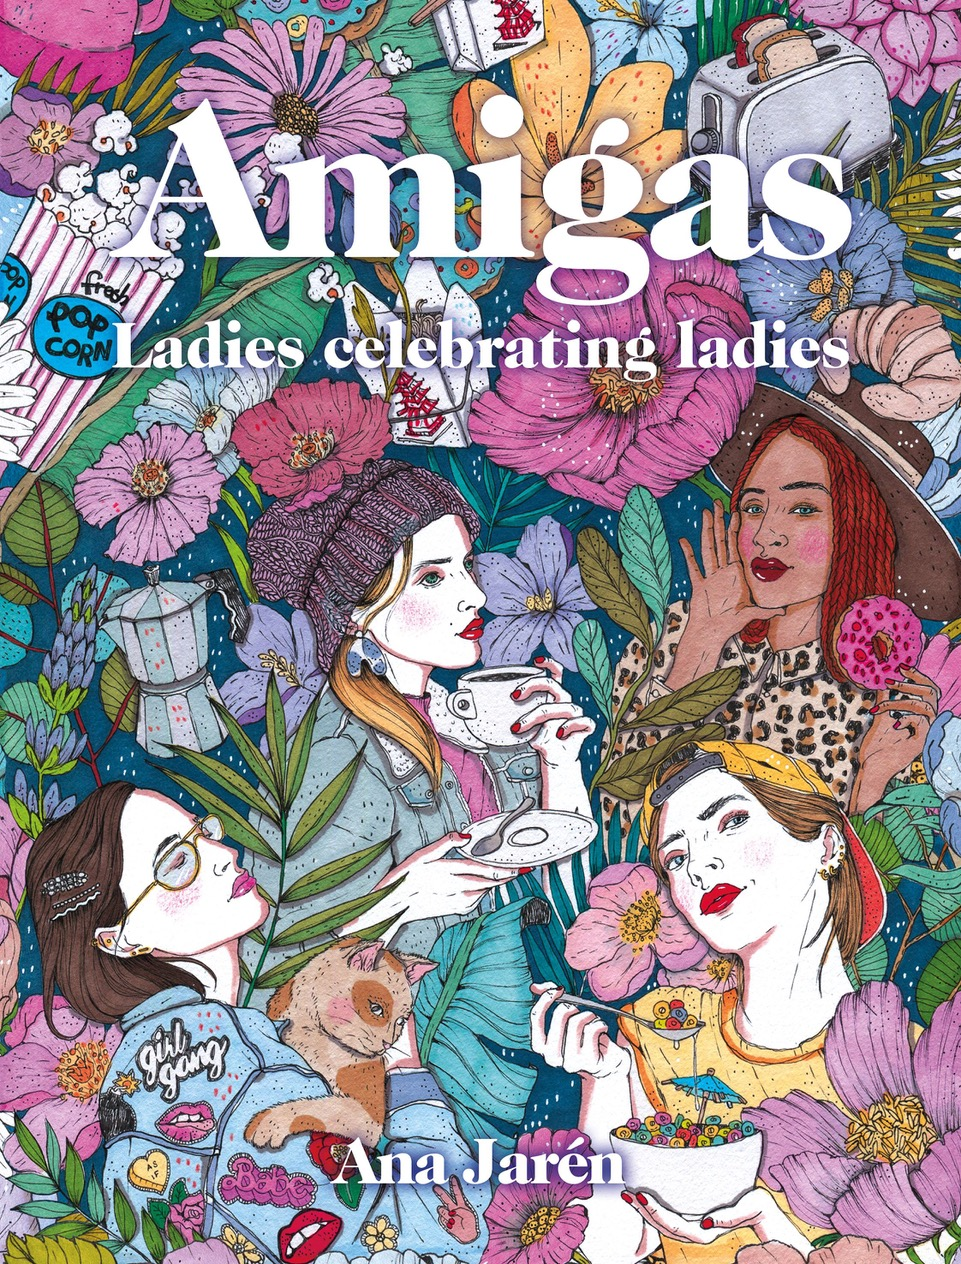 Lunwerg en femenino: ilustradoras que hablan sobre mujeres; Mujeres poetas que dibujan historias